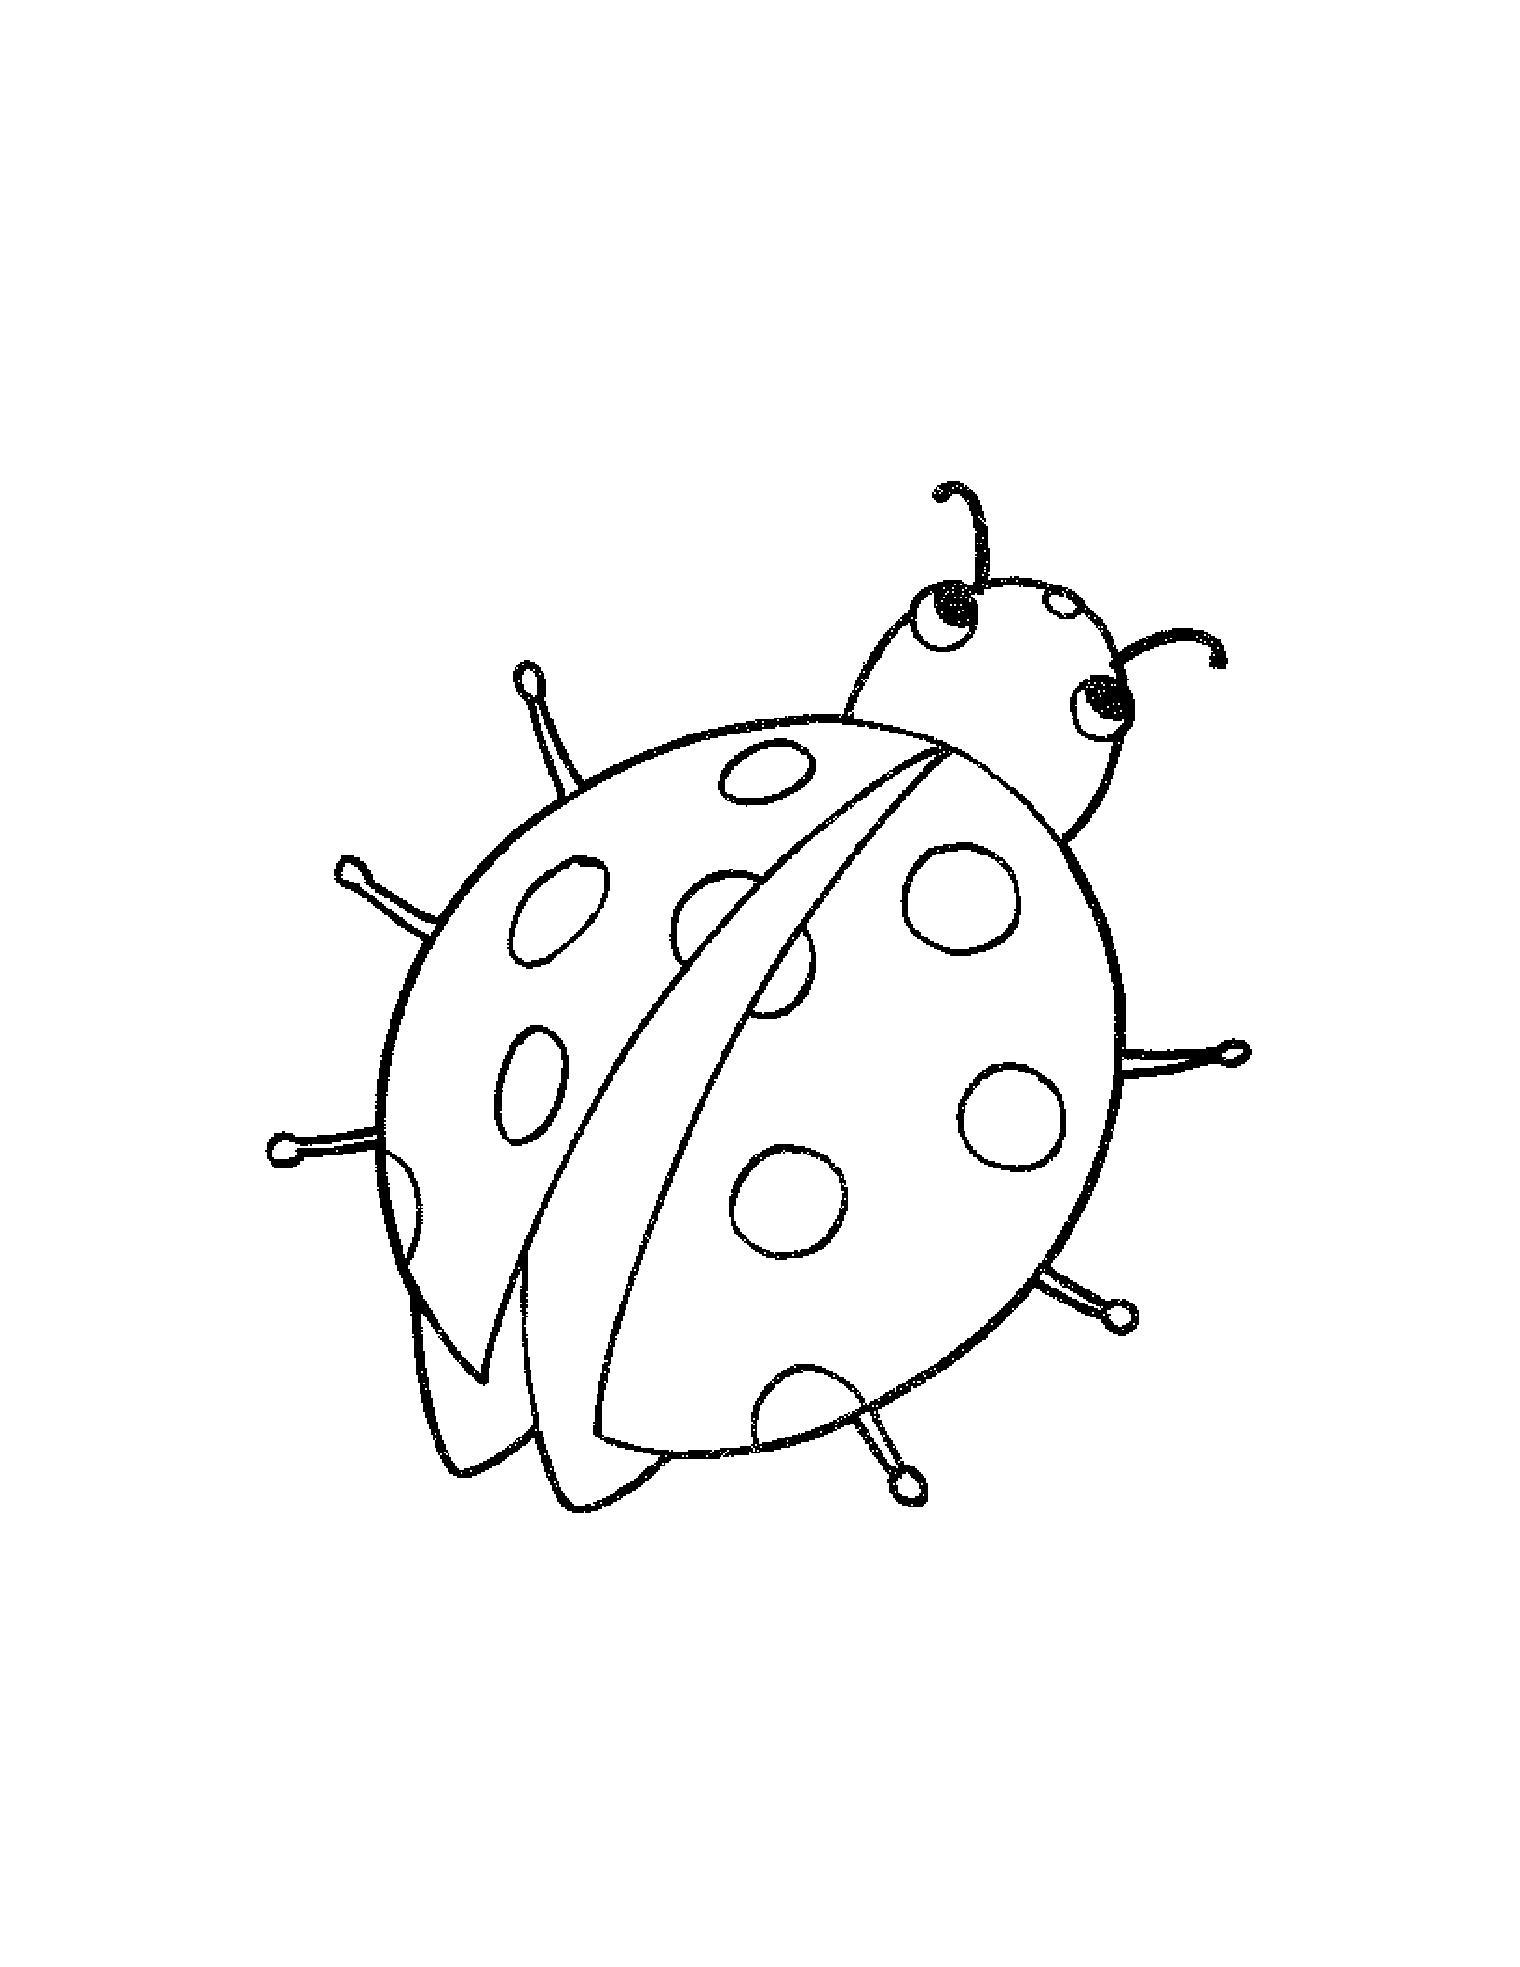 С насекомыми Распечатать бесплатные раскраски для детей: животные: насекомые, бабочки Раскраски распечатать